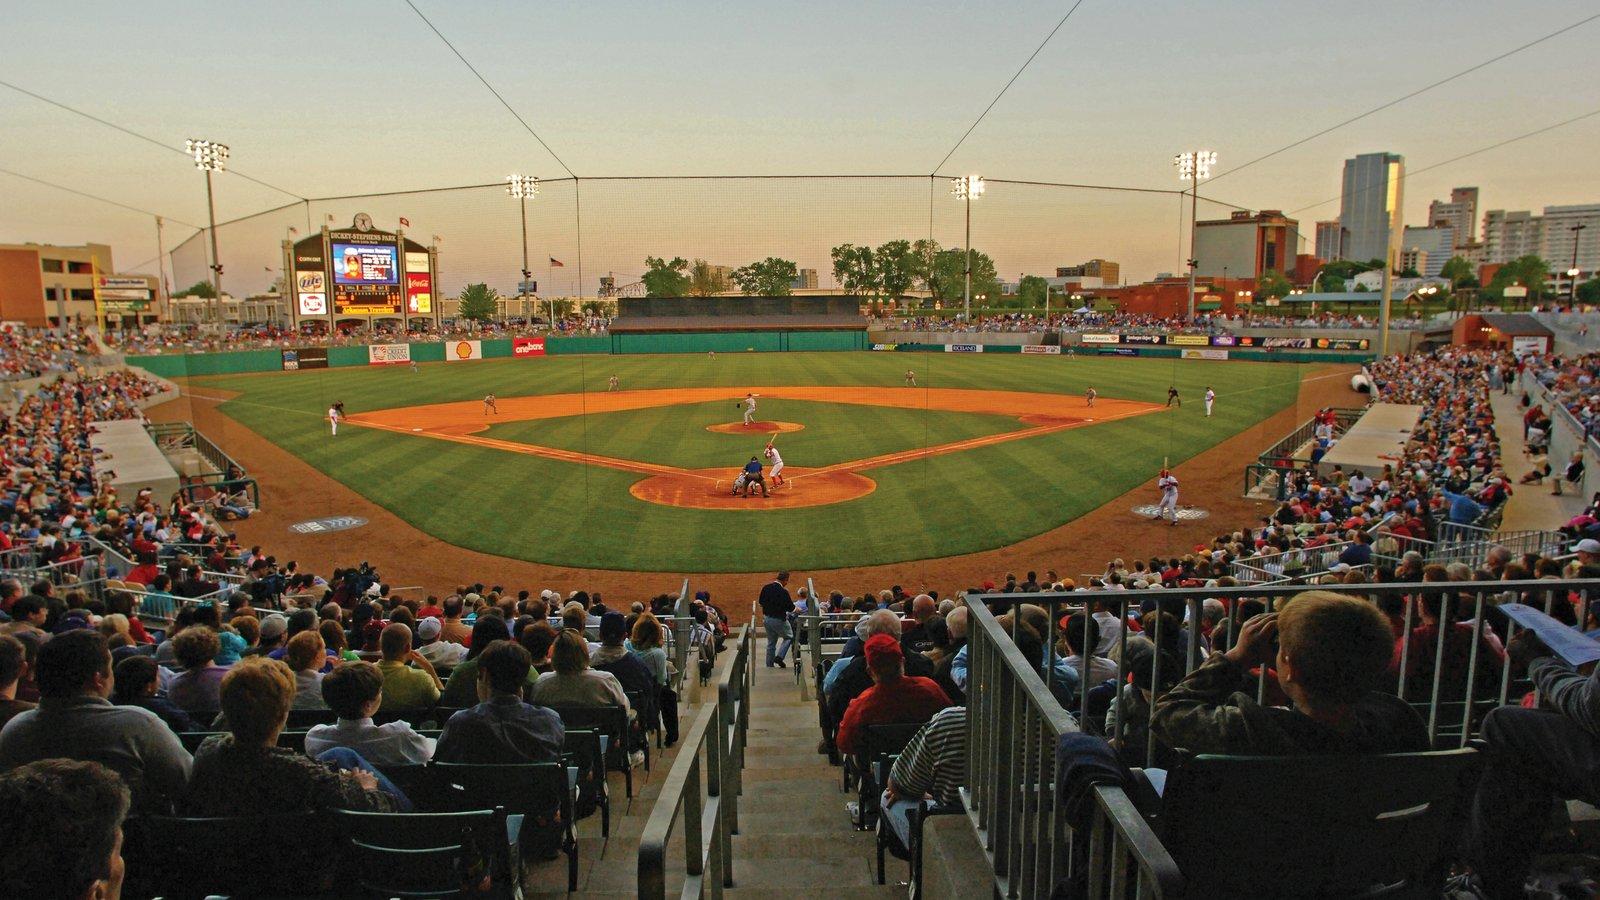 Little Rock que inclui um evento desportivo e um pôr do sol assim como um grande grupo de pessoas